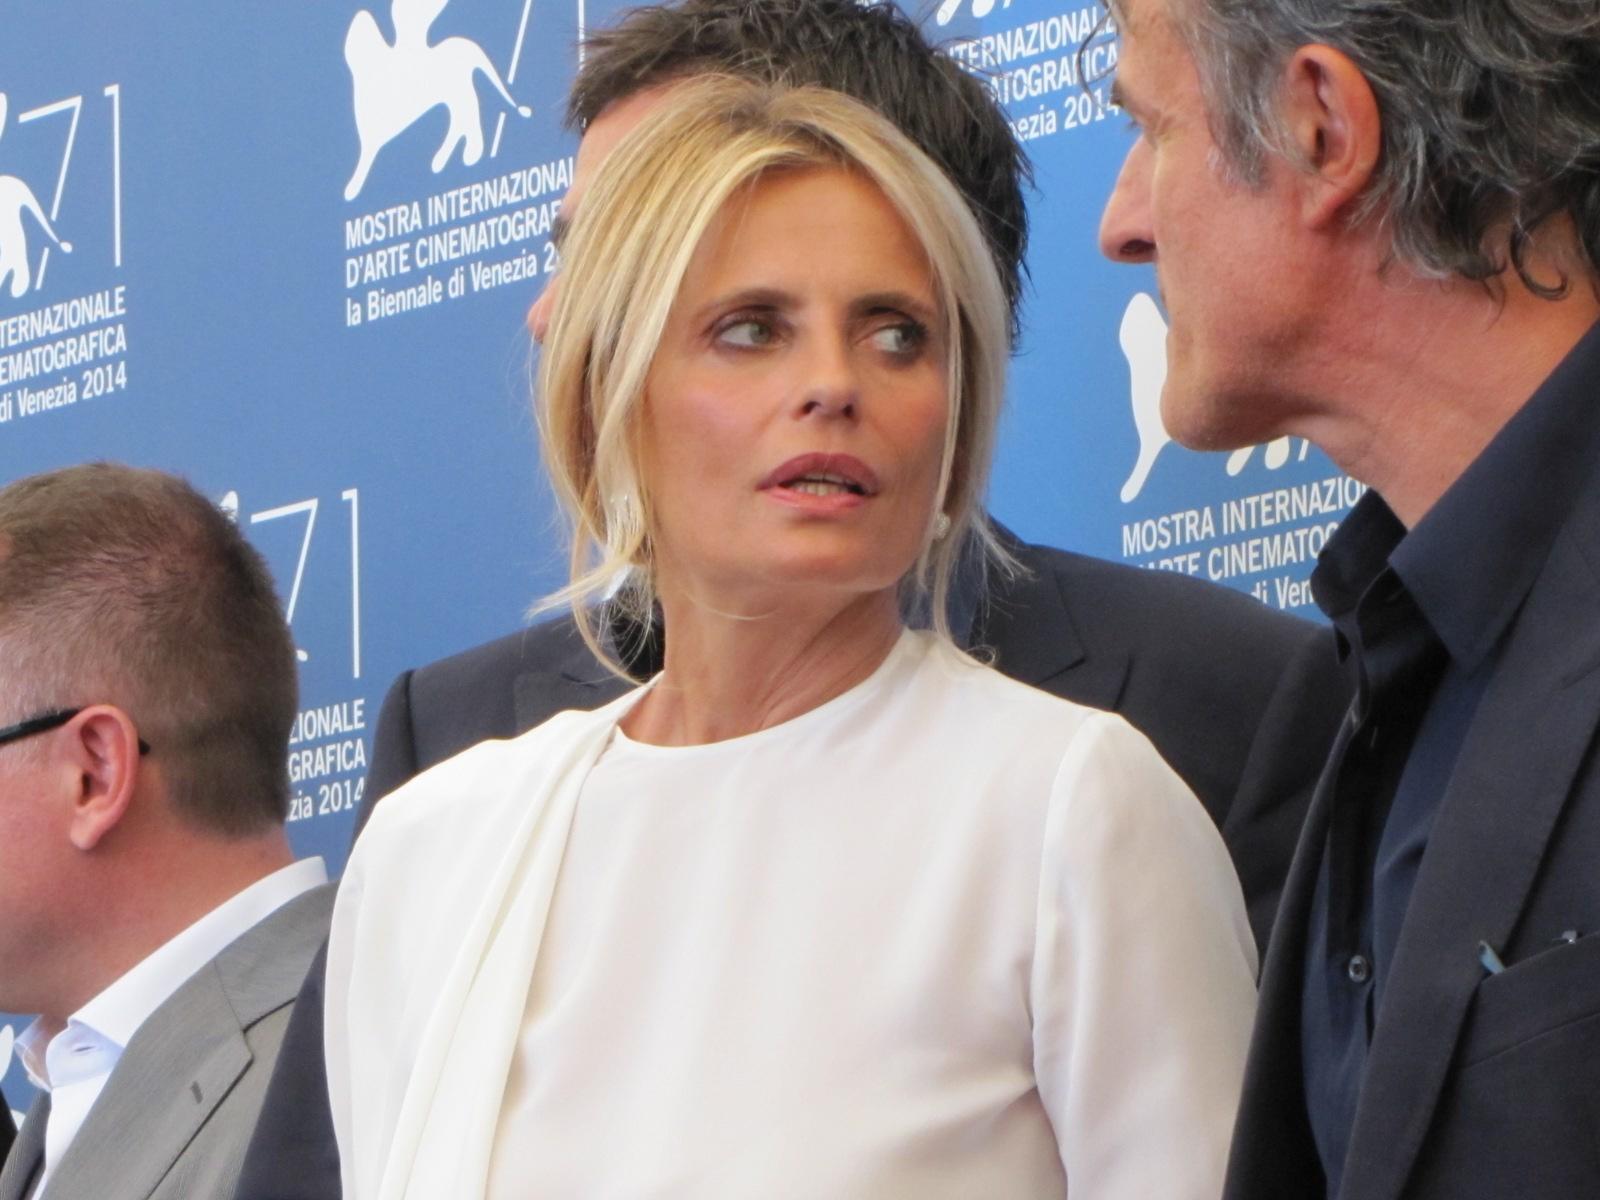 La vita oscena a Venezia 2014, Isabella Ferrari protagonista del film